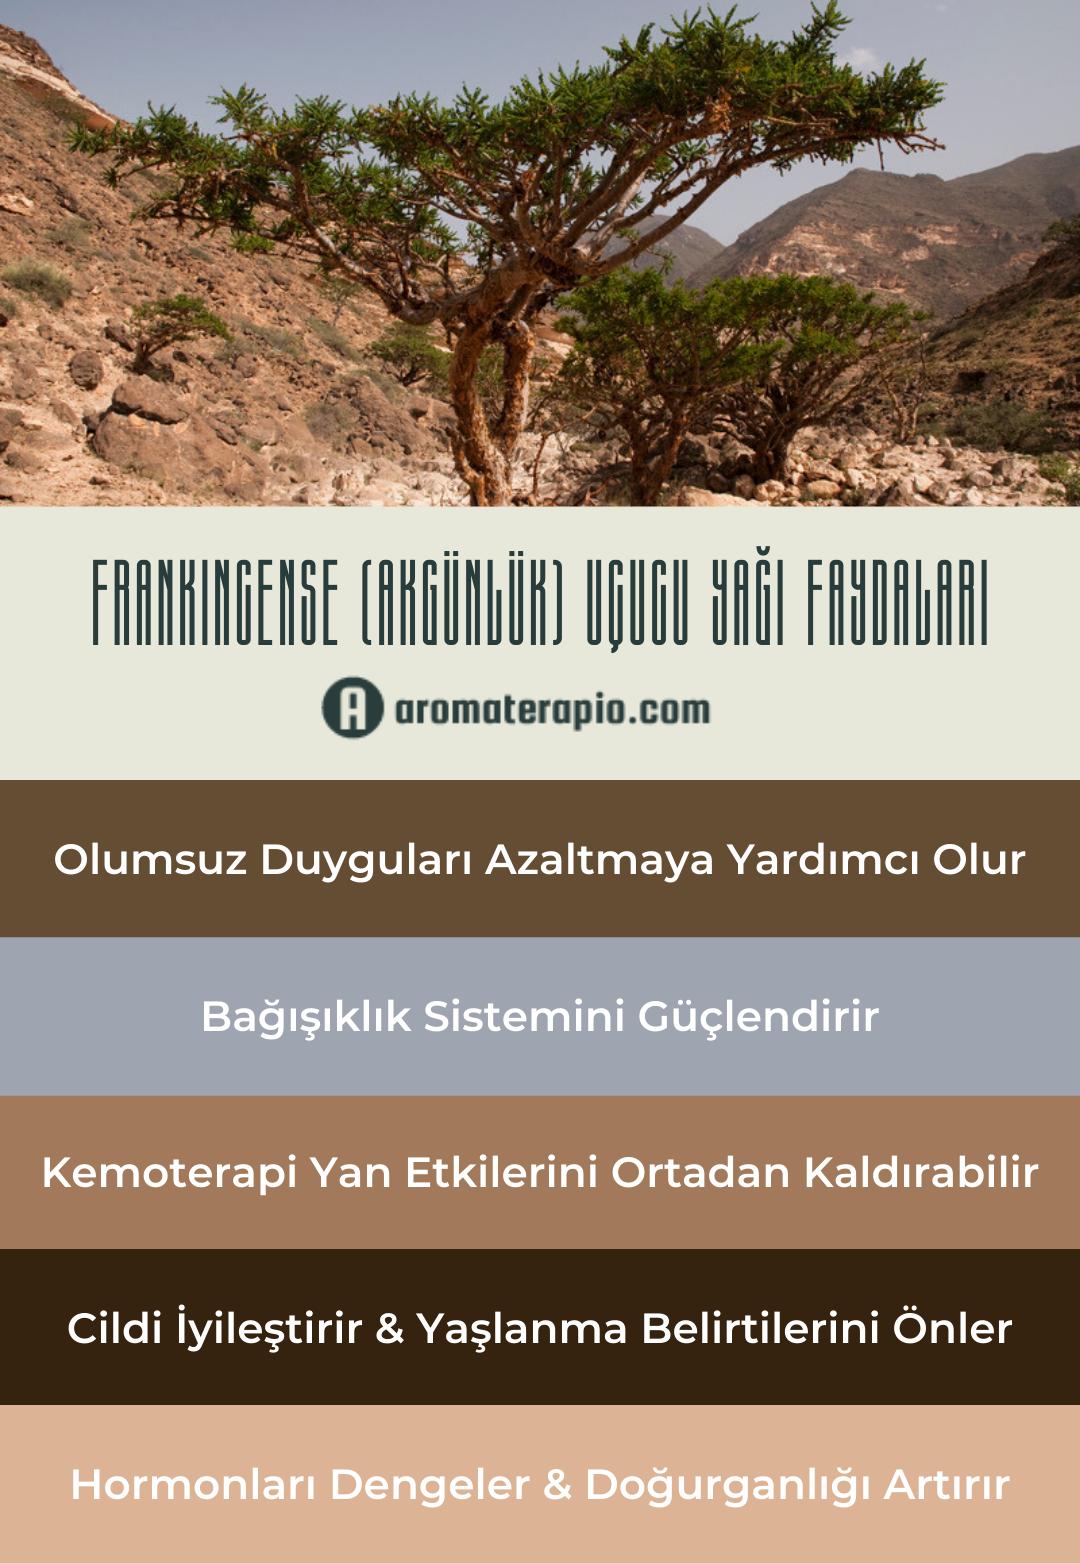 Frankincense Uçucu Yağı Faydaları Infografik